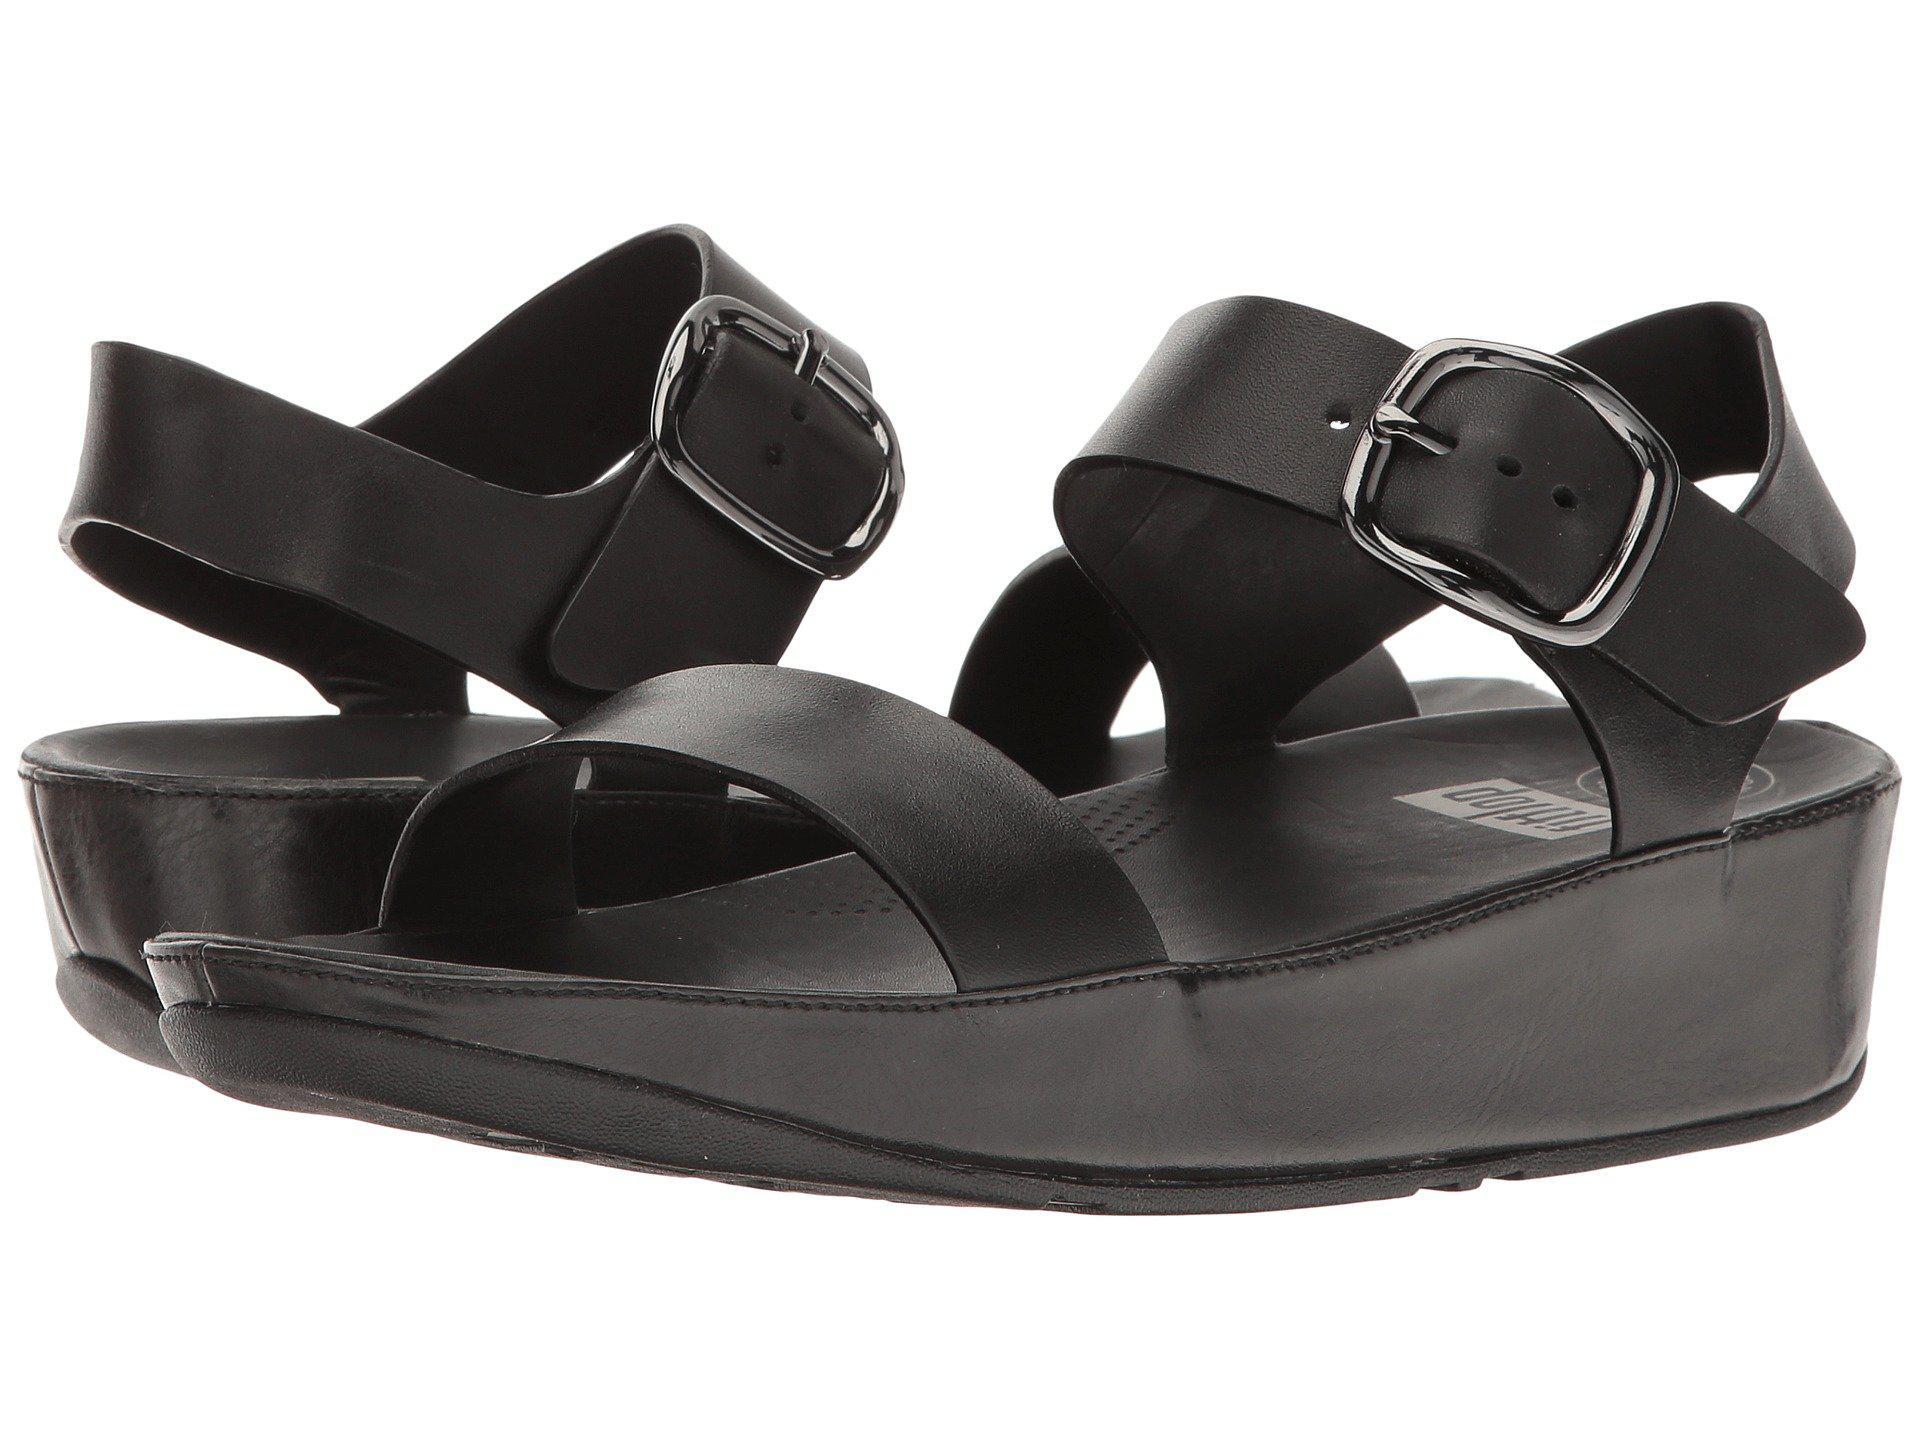 8fbd57157e2 Lyst - Fitflop Bon Sandal in Black